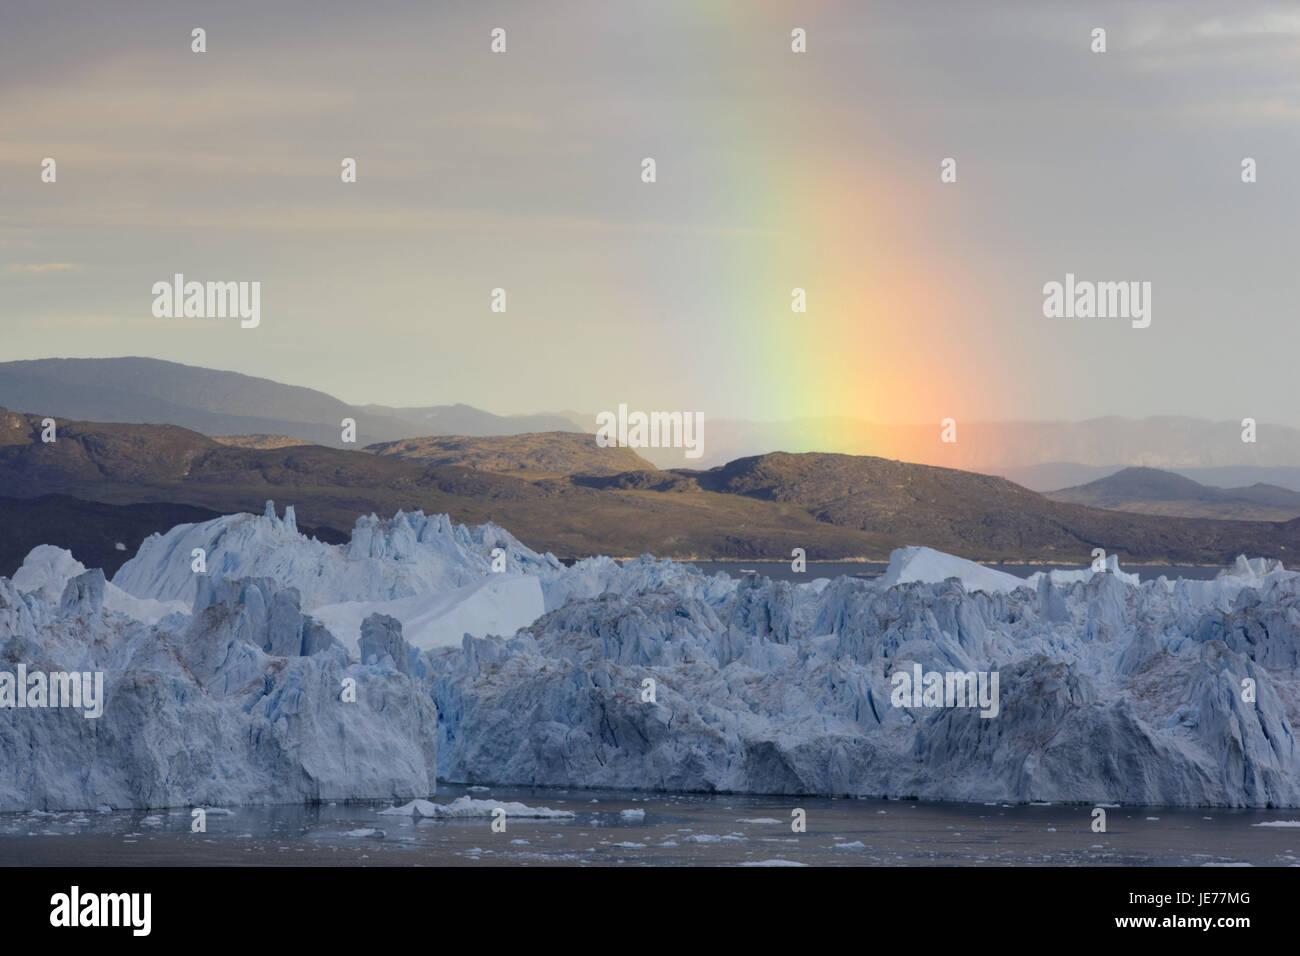 Grönland, Disko-Bucht, Ilulissat, Eis-Fjord, Eisberge, Küstenlandschaft, Regenbogen, Westgrönland, Stockbild